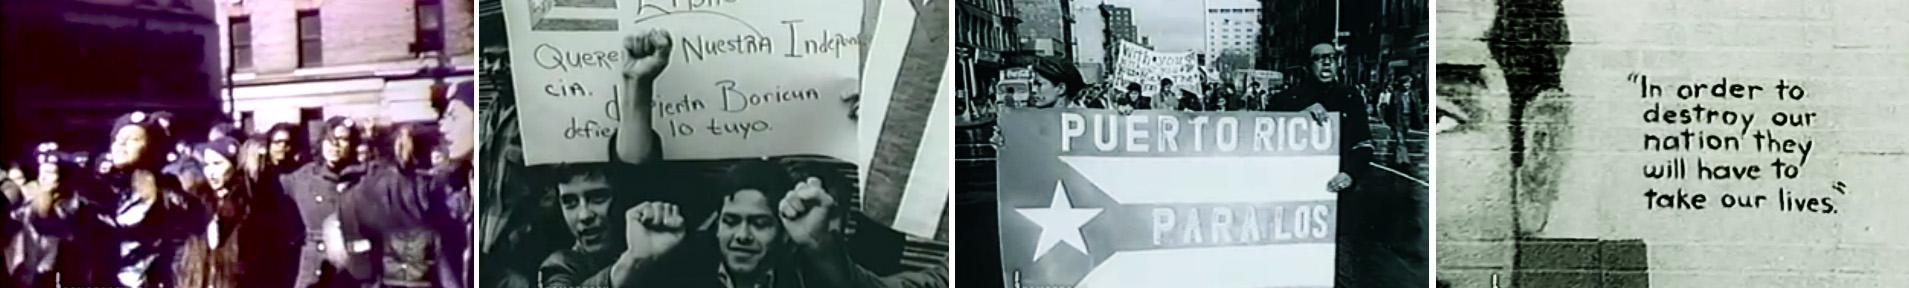 El Pueblo se Lebanta, NYC Newsreel, 1971